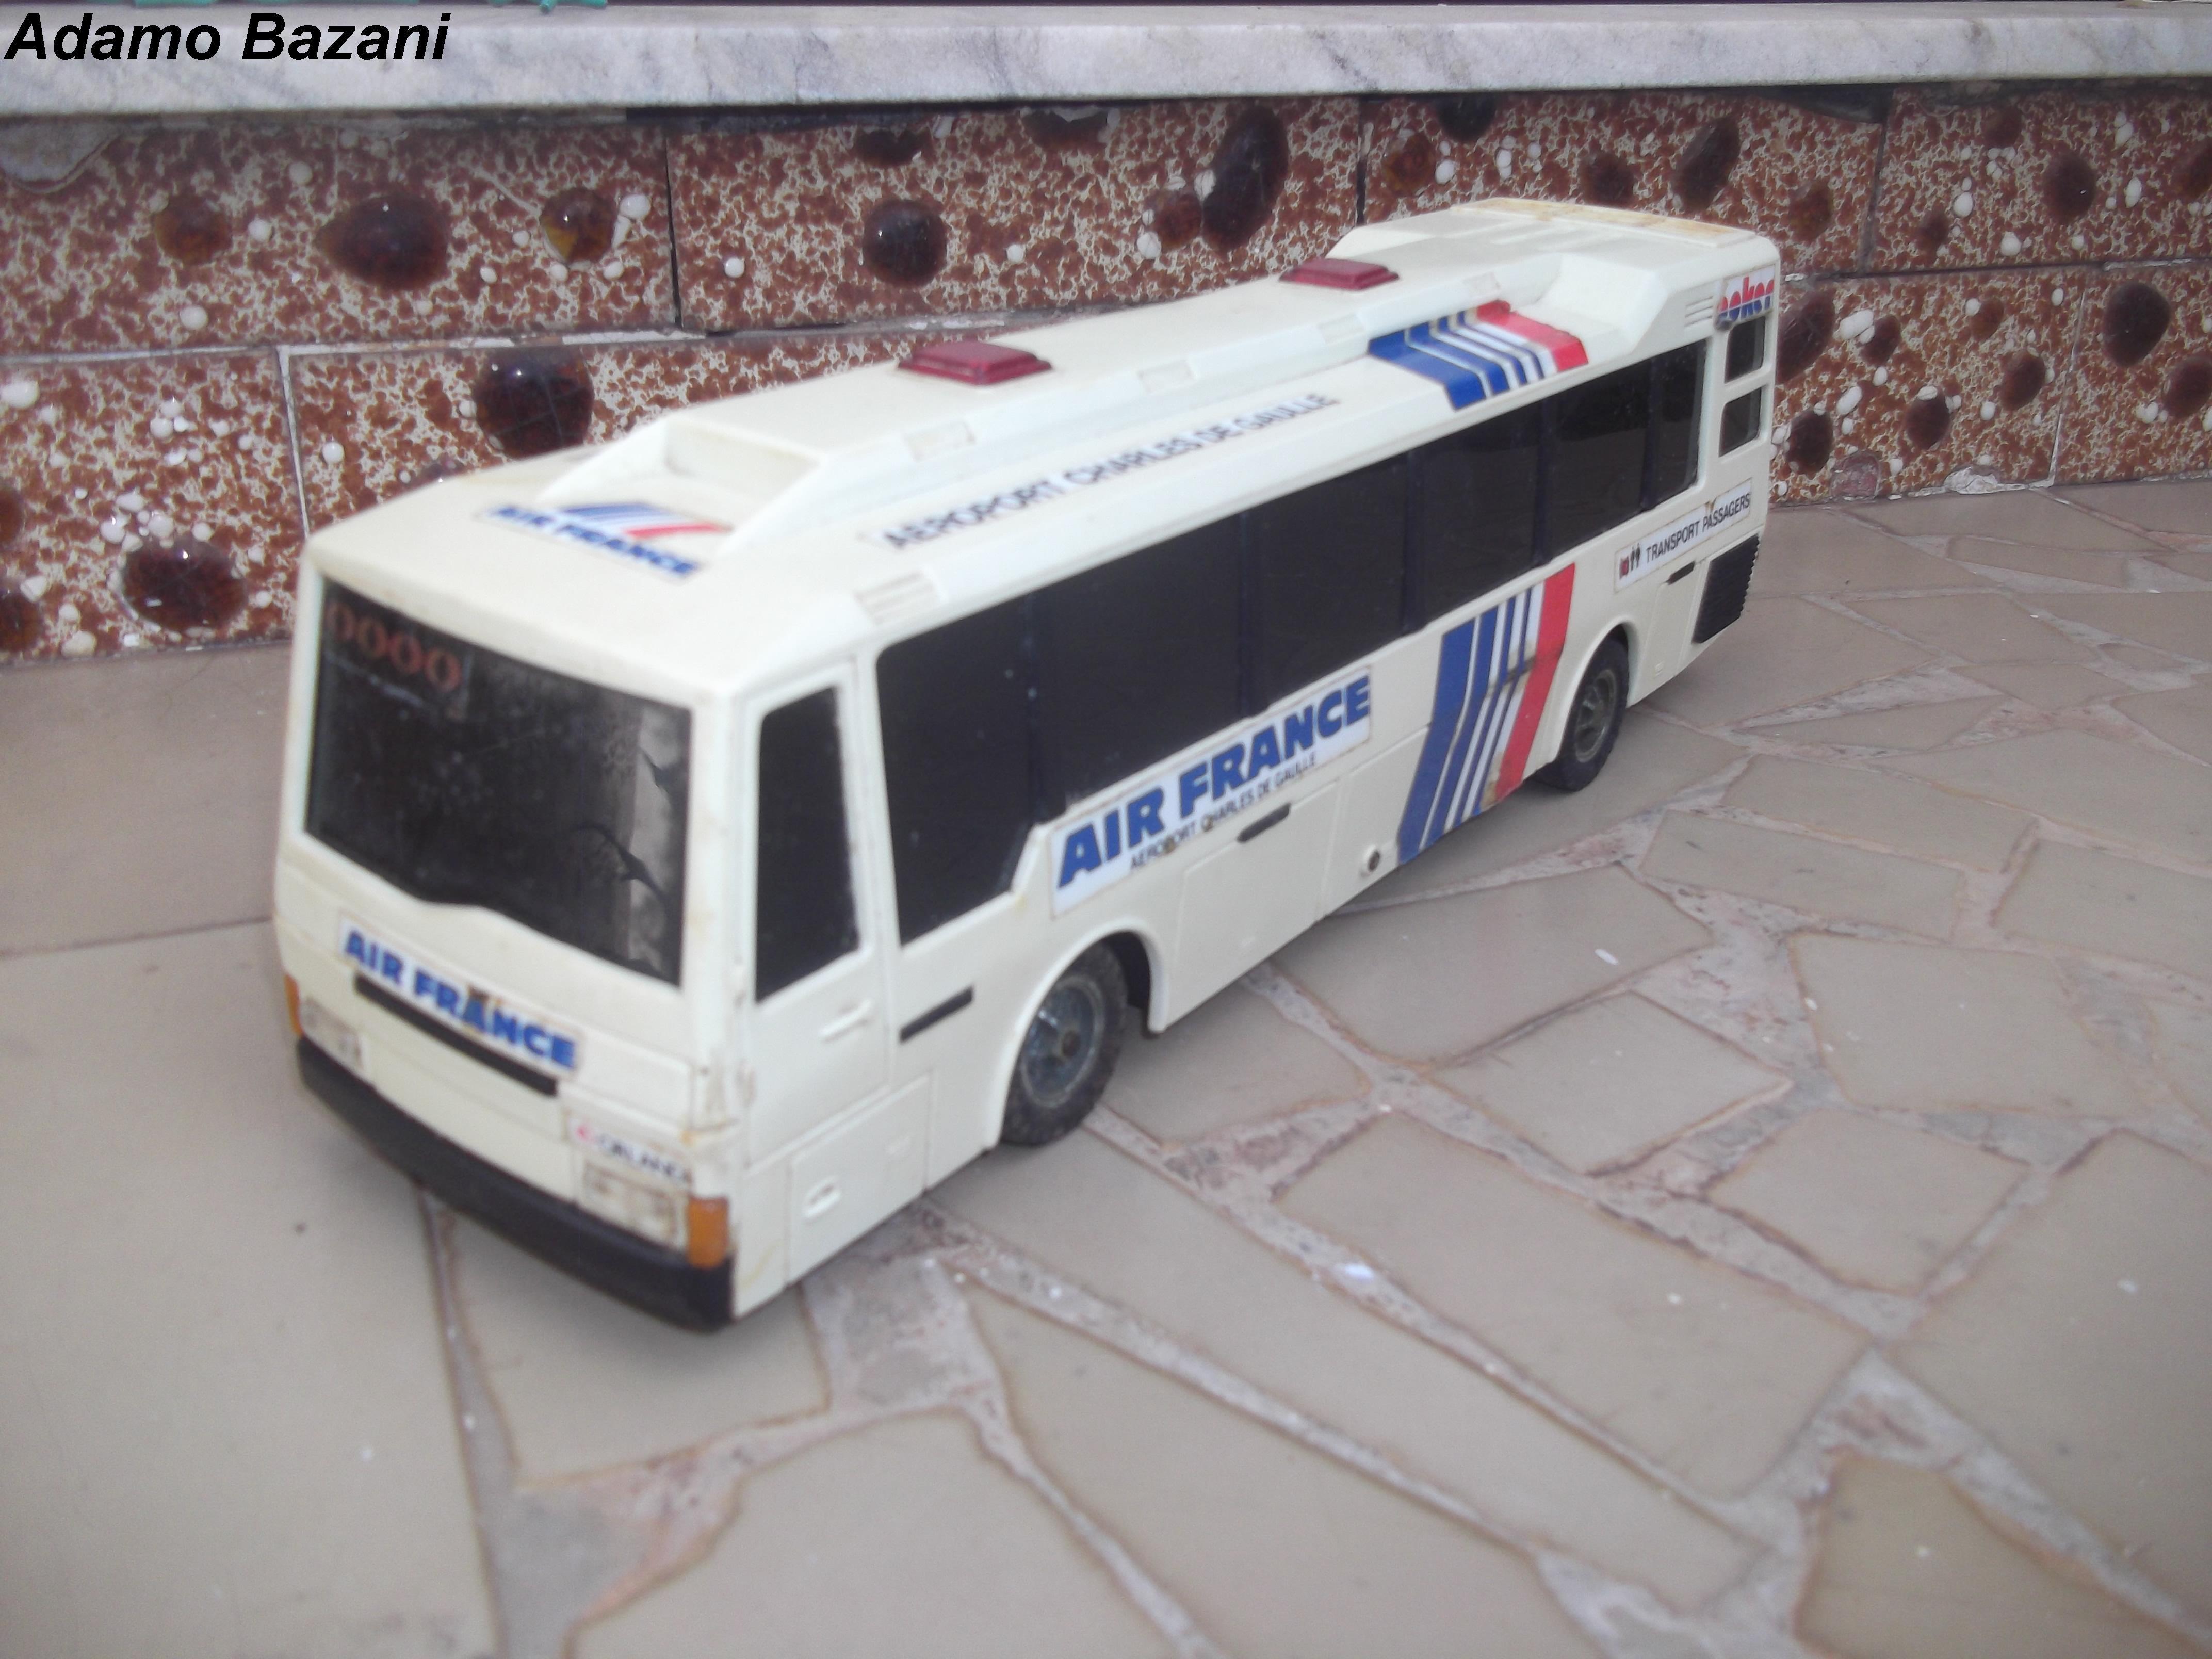 Adesivo De Parede Arvore Familia ~ Curiosidade Umaépoca que dava para brincar de u00f4nibus u2013 Diário do Transporte